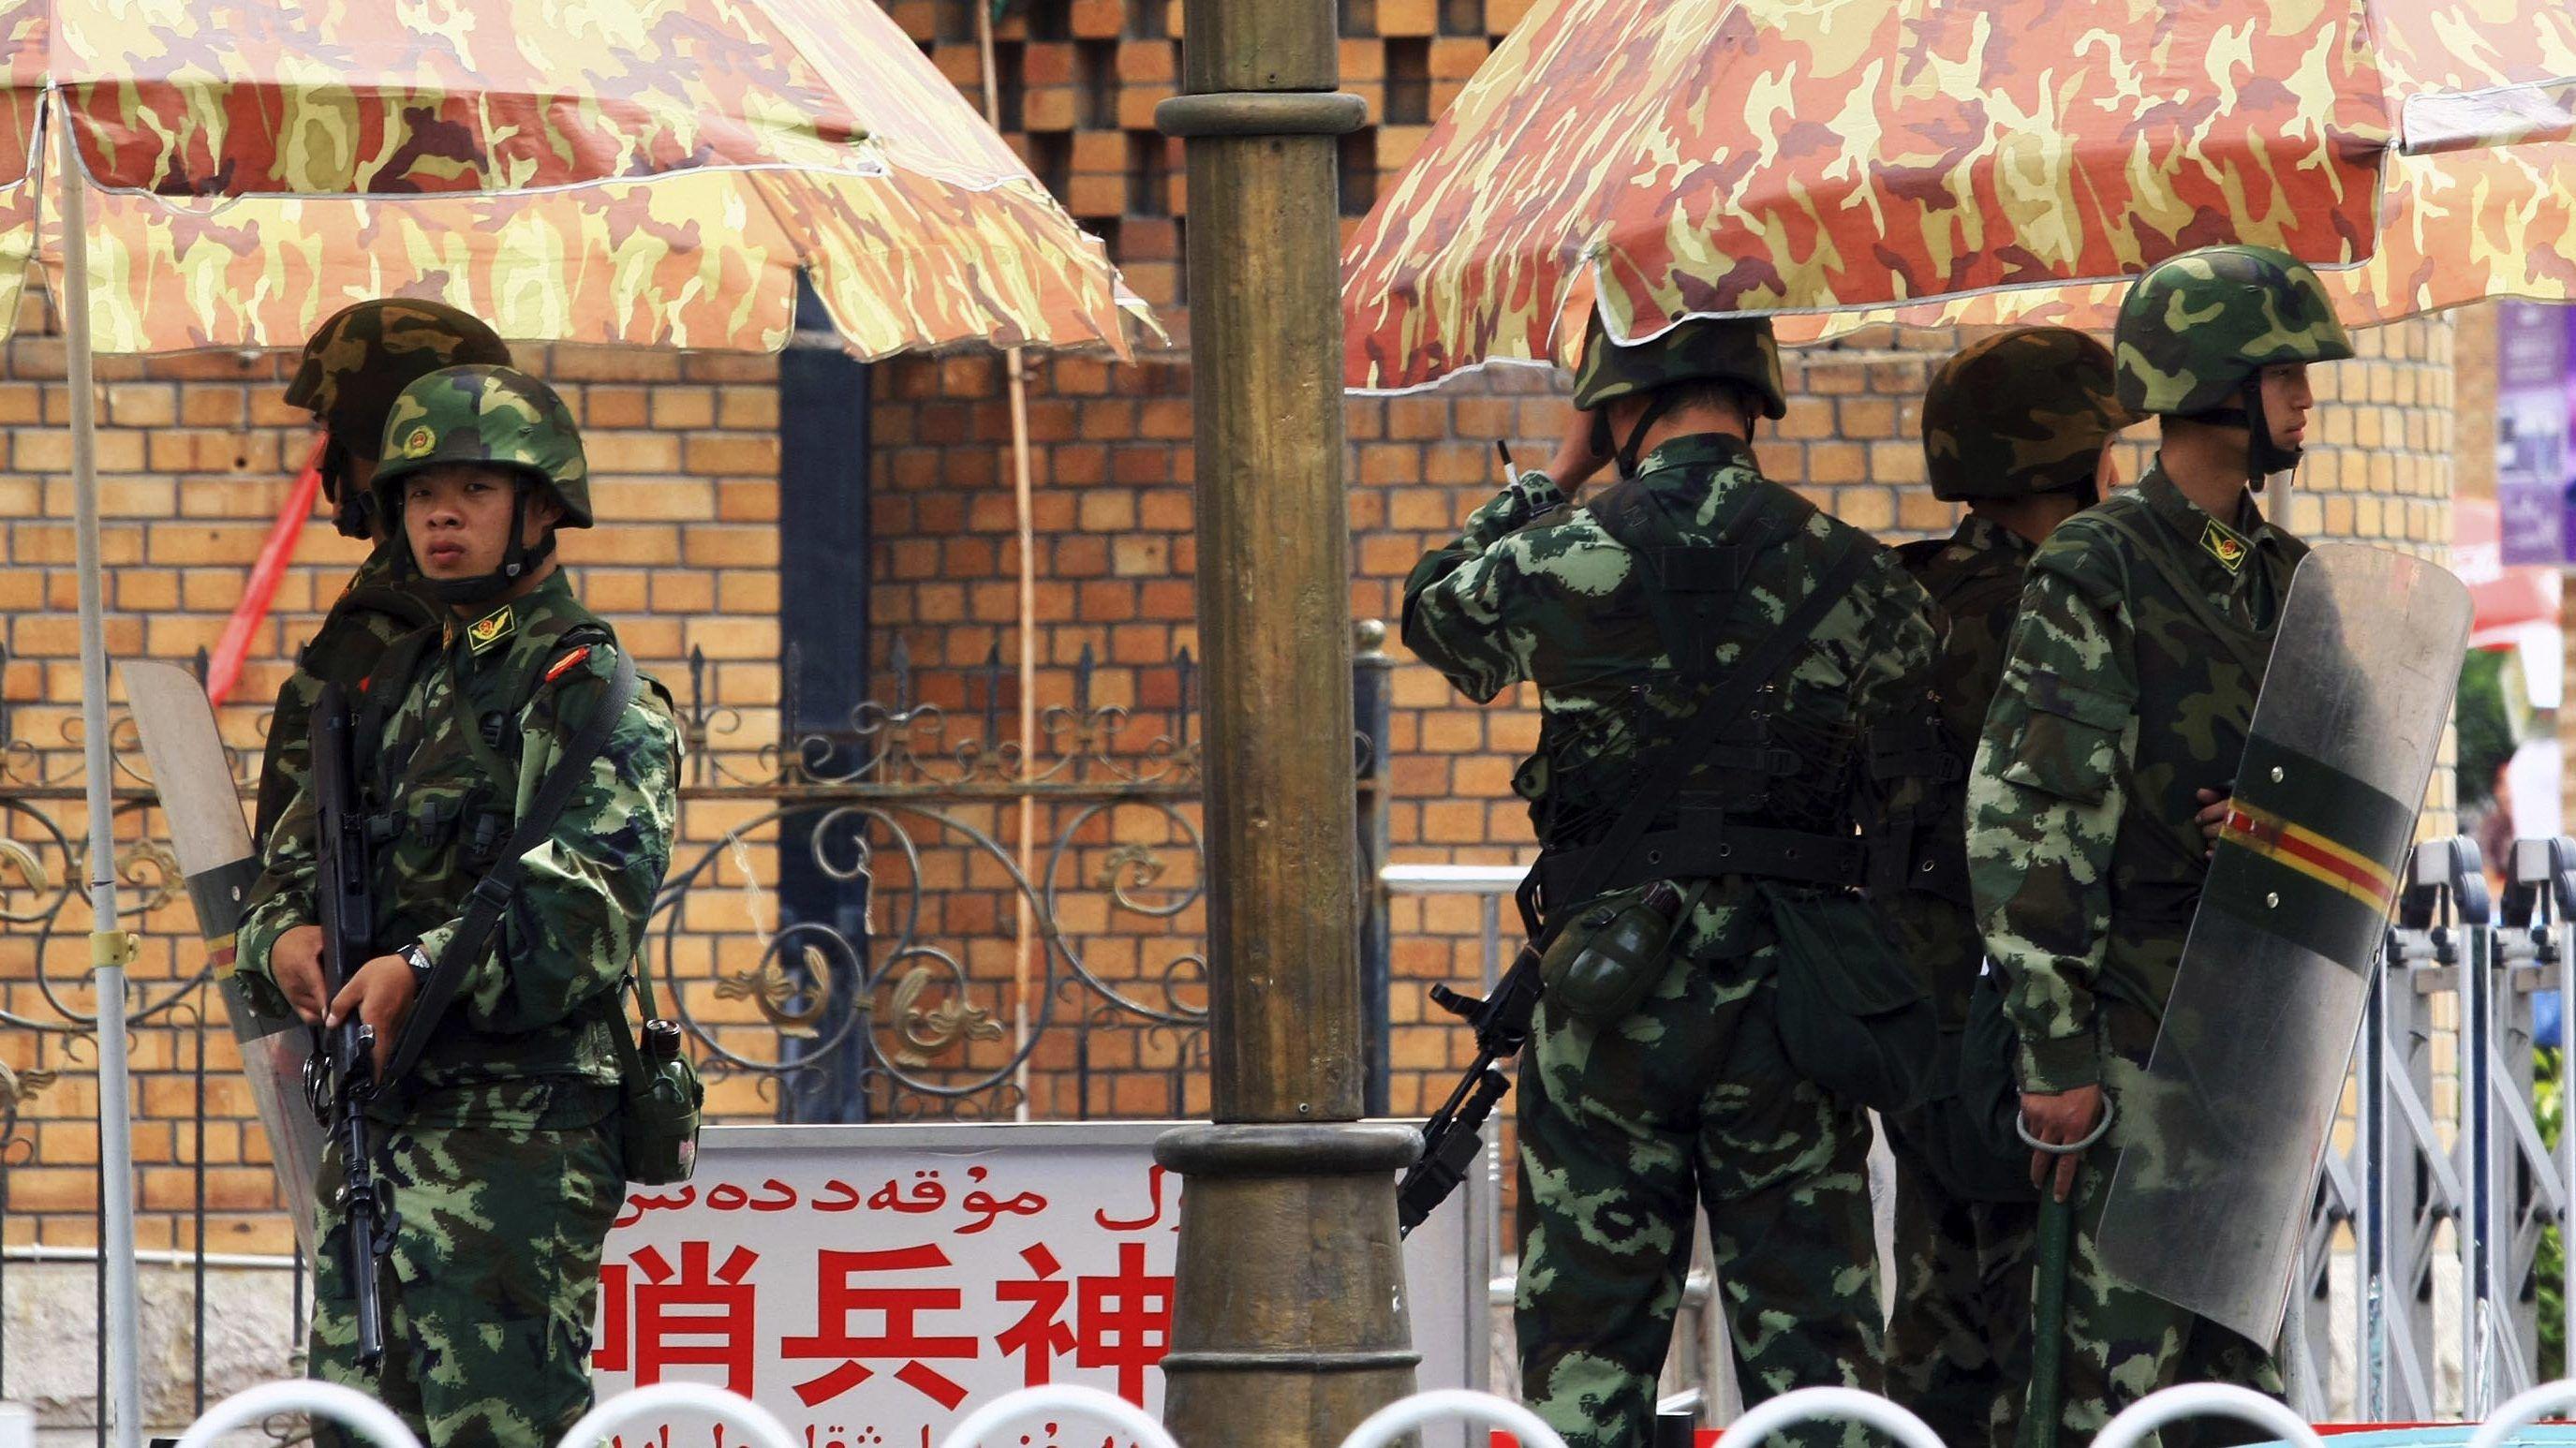 Inwoners van onrustige regio in China moeten reispas inleveren